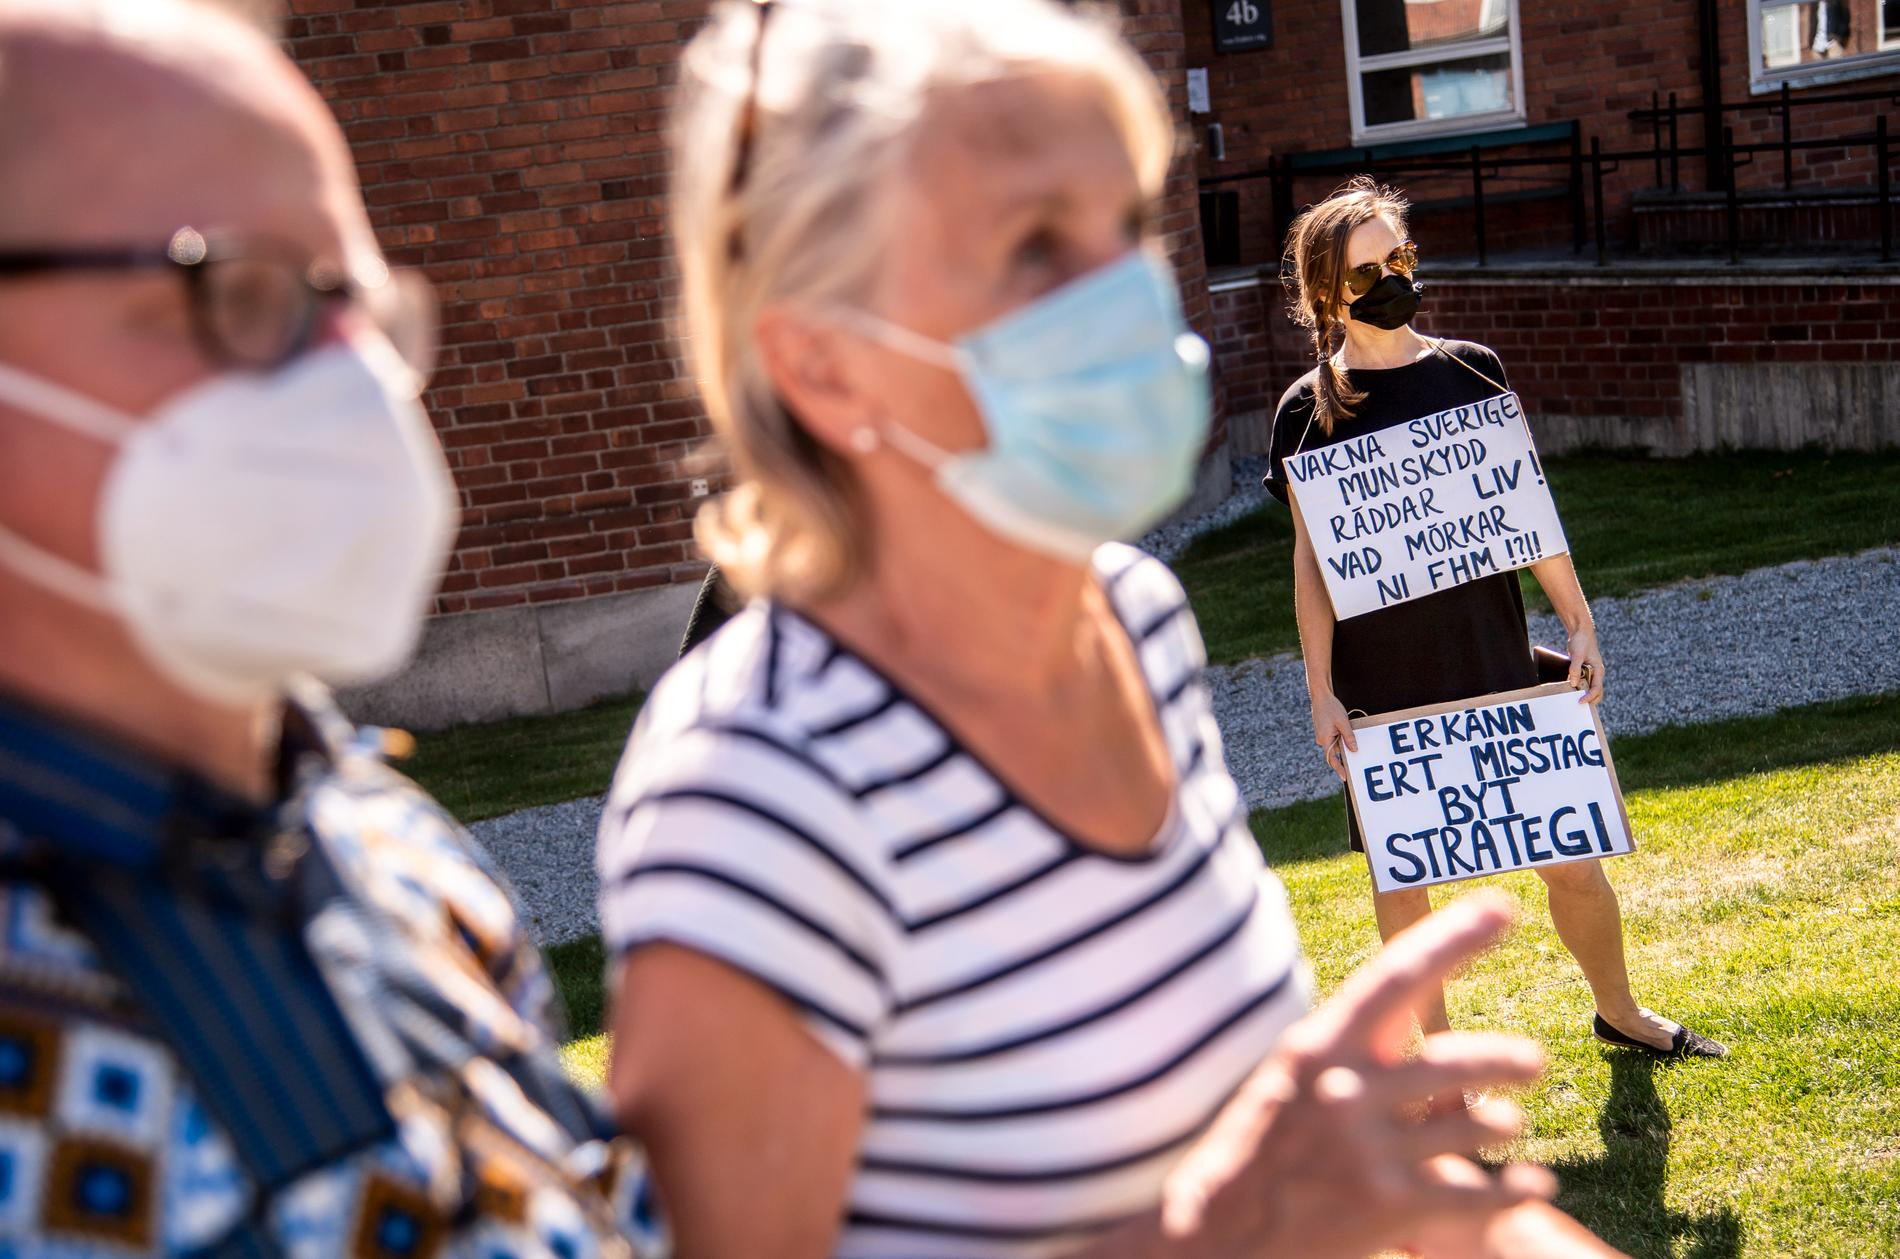 Vid dagens presskonferens med Anders Tegnell ställde demonstranter krav på en mer utbredd användning av munskydd i Sverige.